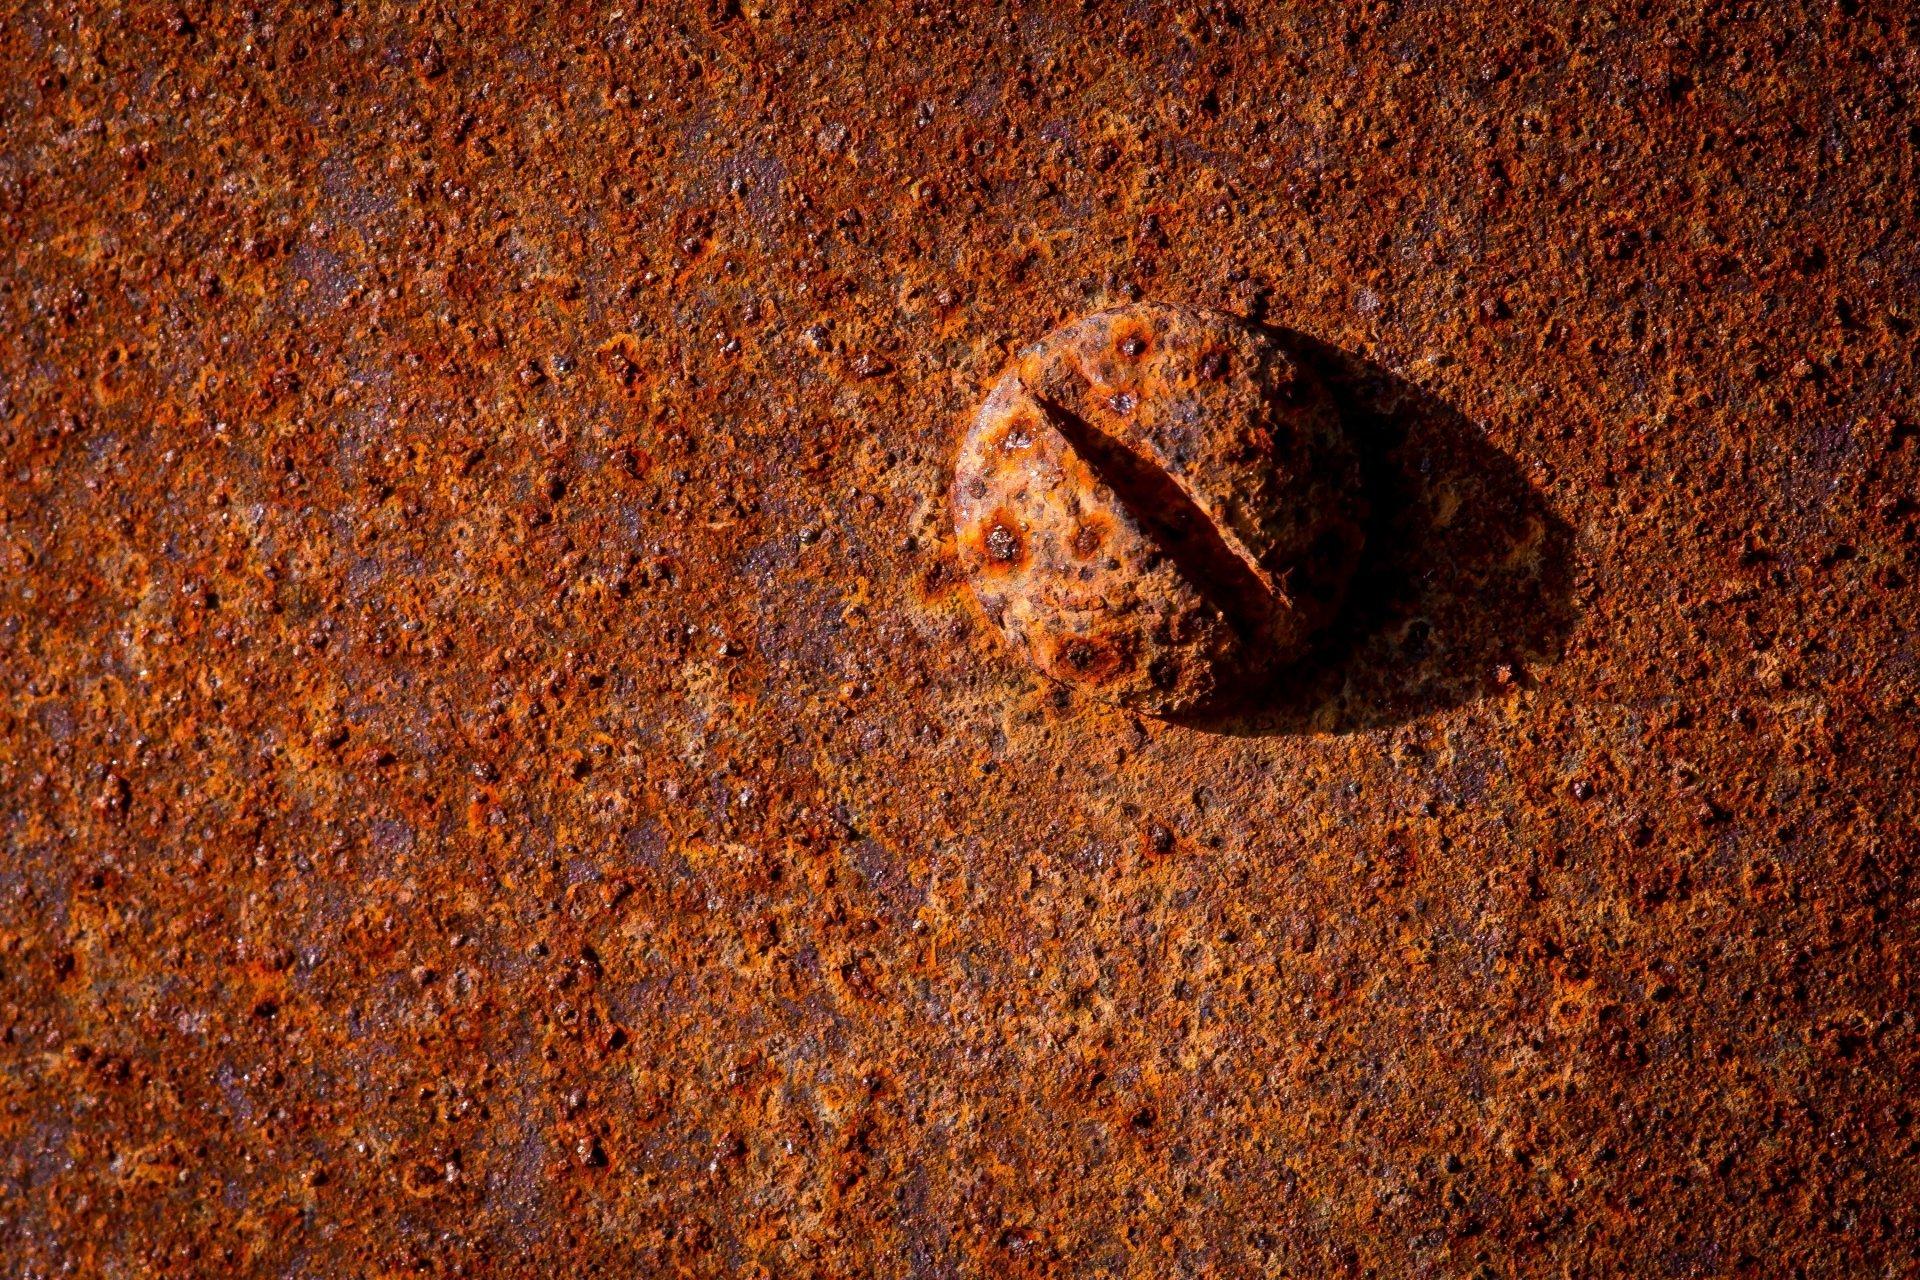 bolt rust metal close up HD wallpaper 1920x1280